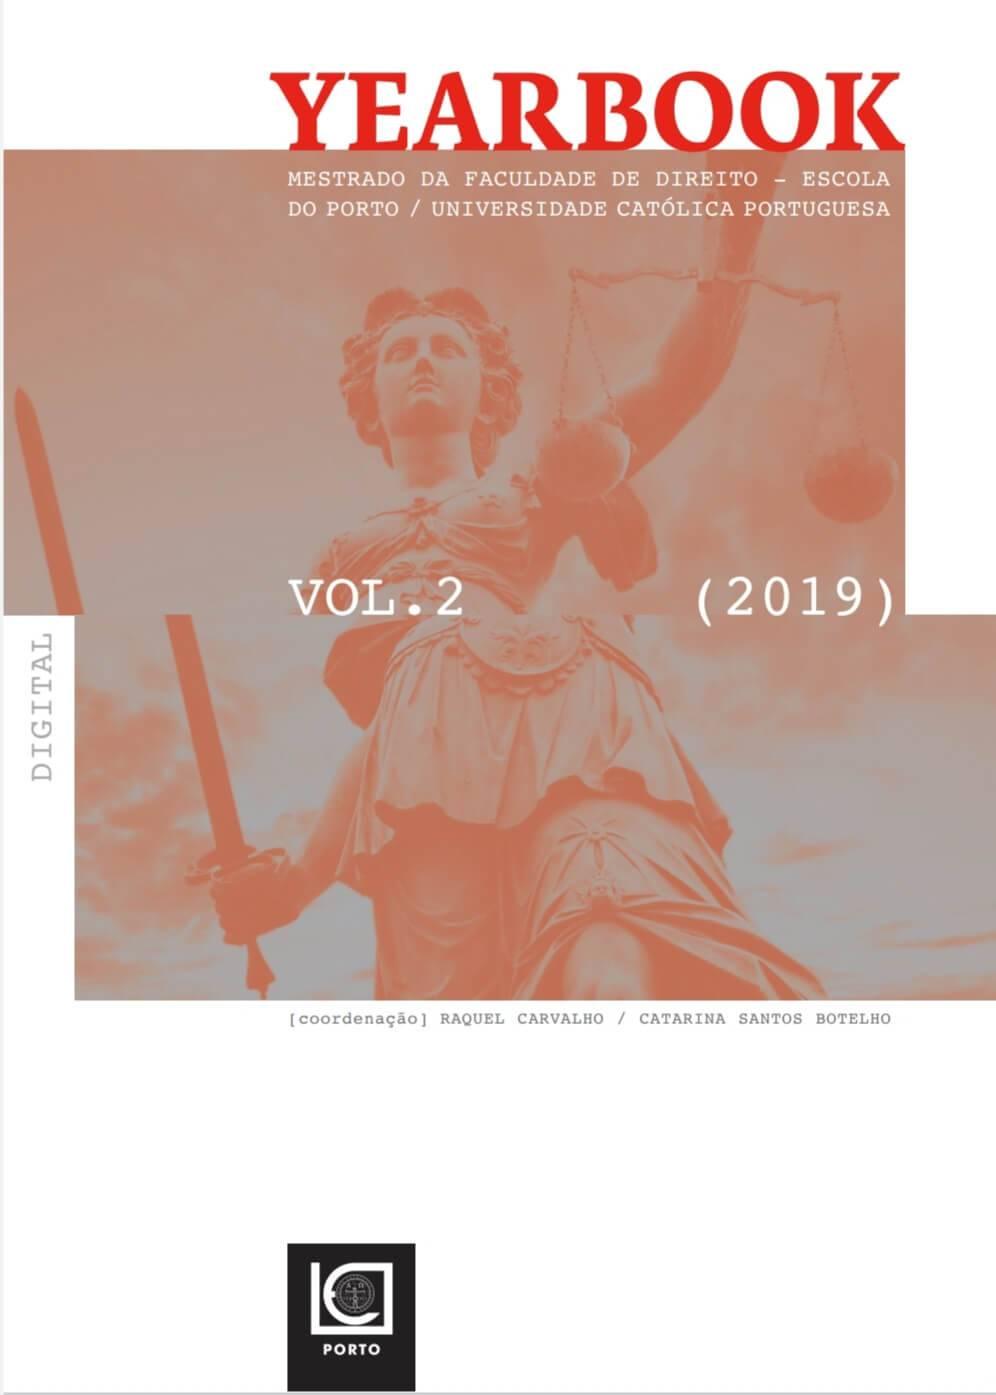 Yearbook – Mestrado Faculdade de Direito 2019 (vol. 2) (2020)